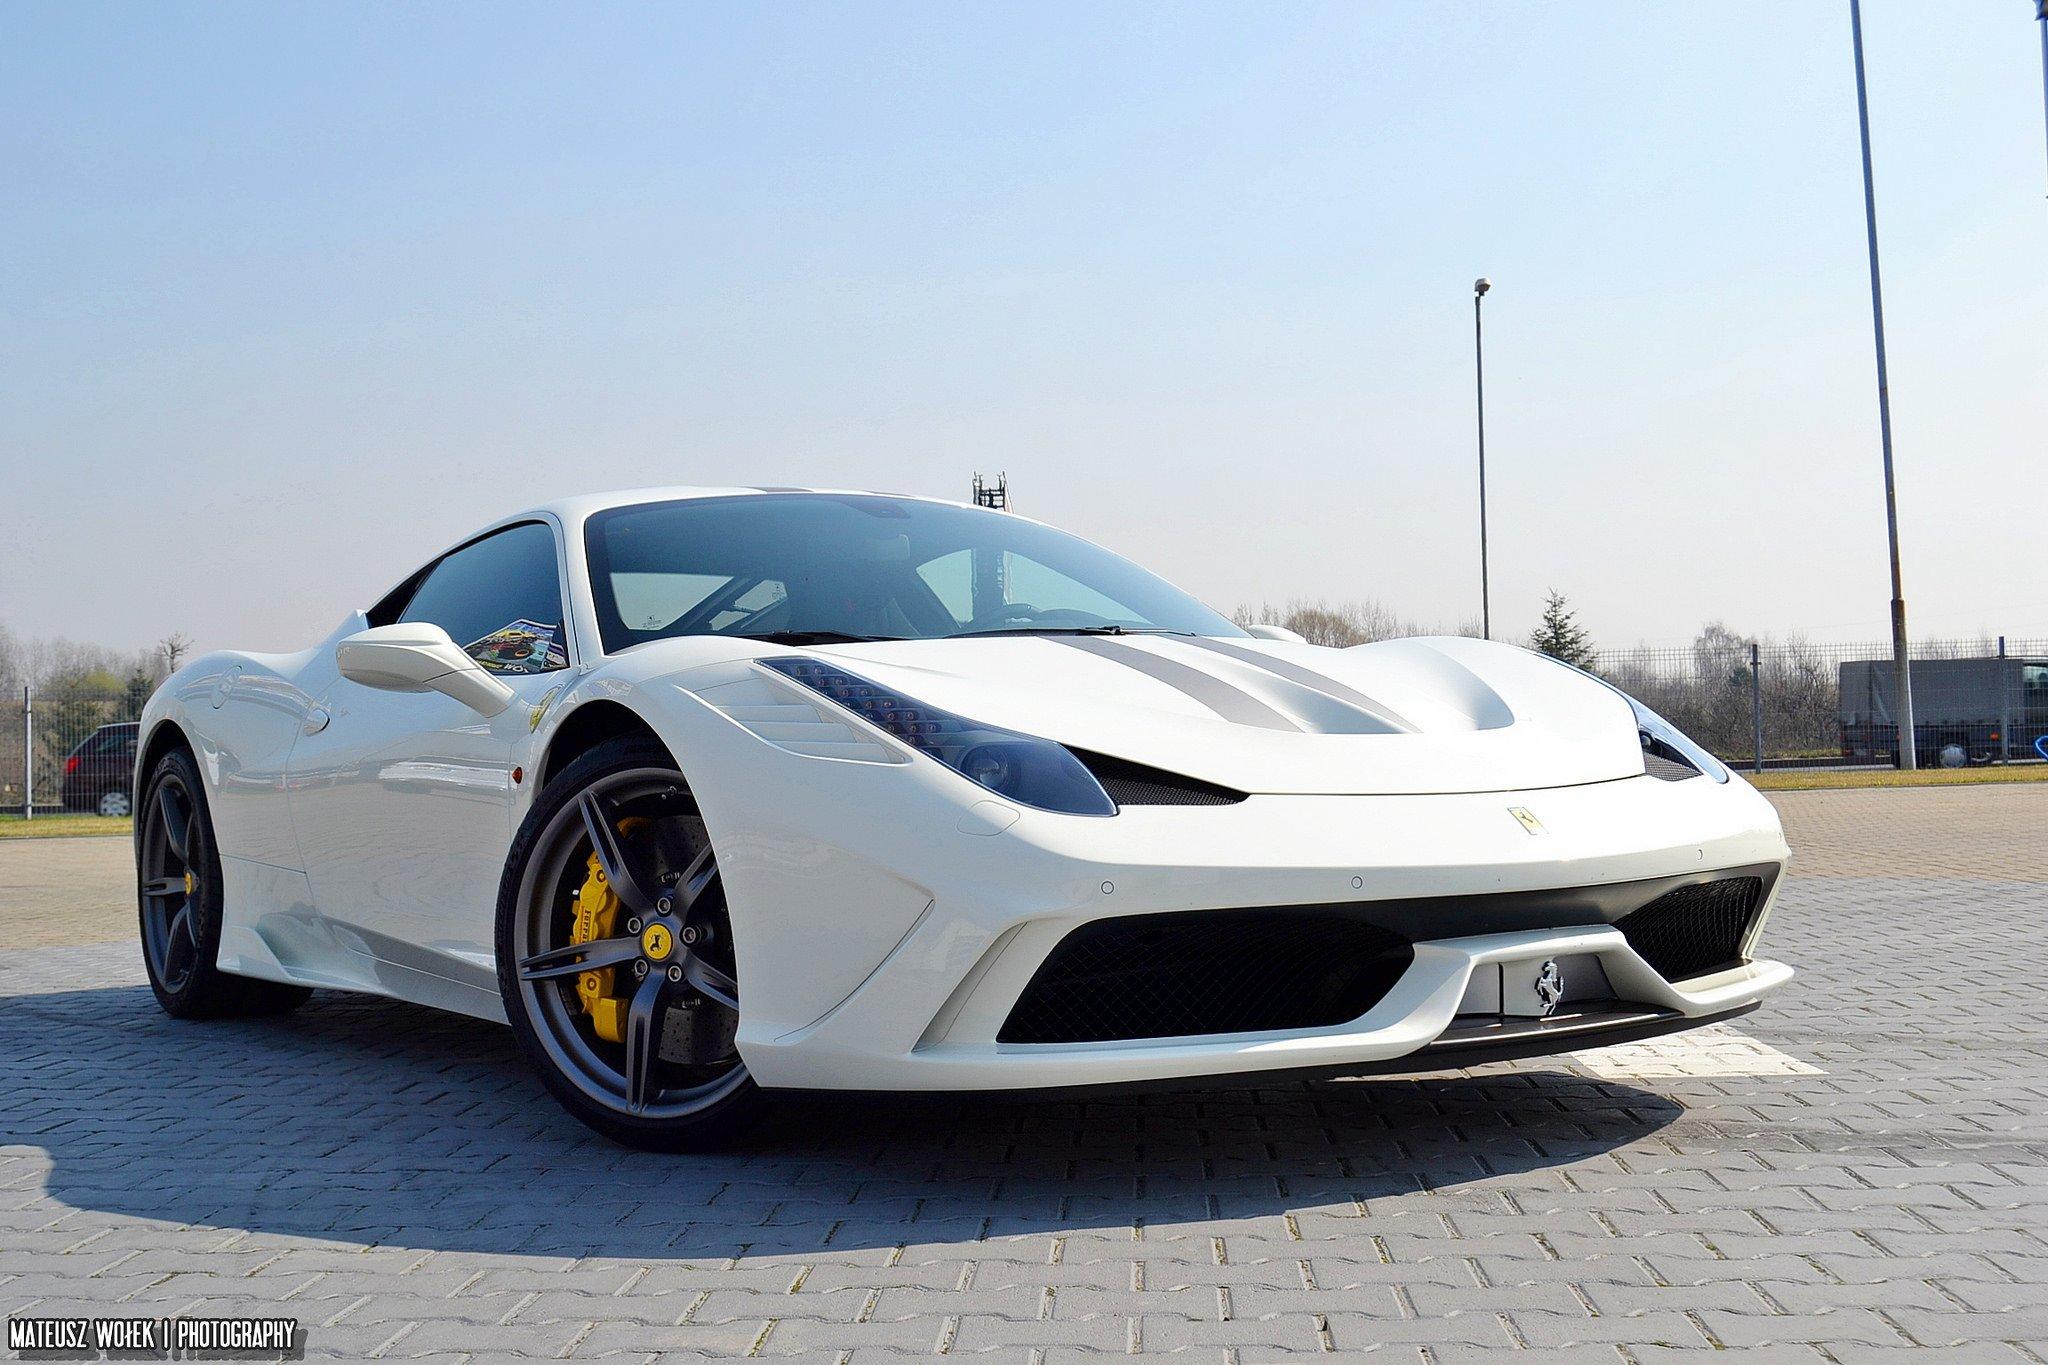 2013 458 Ferrari Speciale Supercar White Blanc Blanco